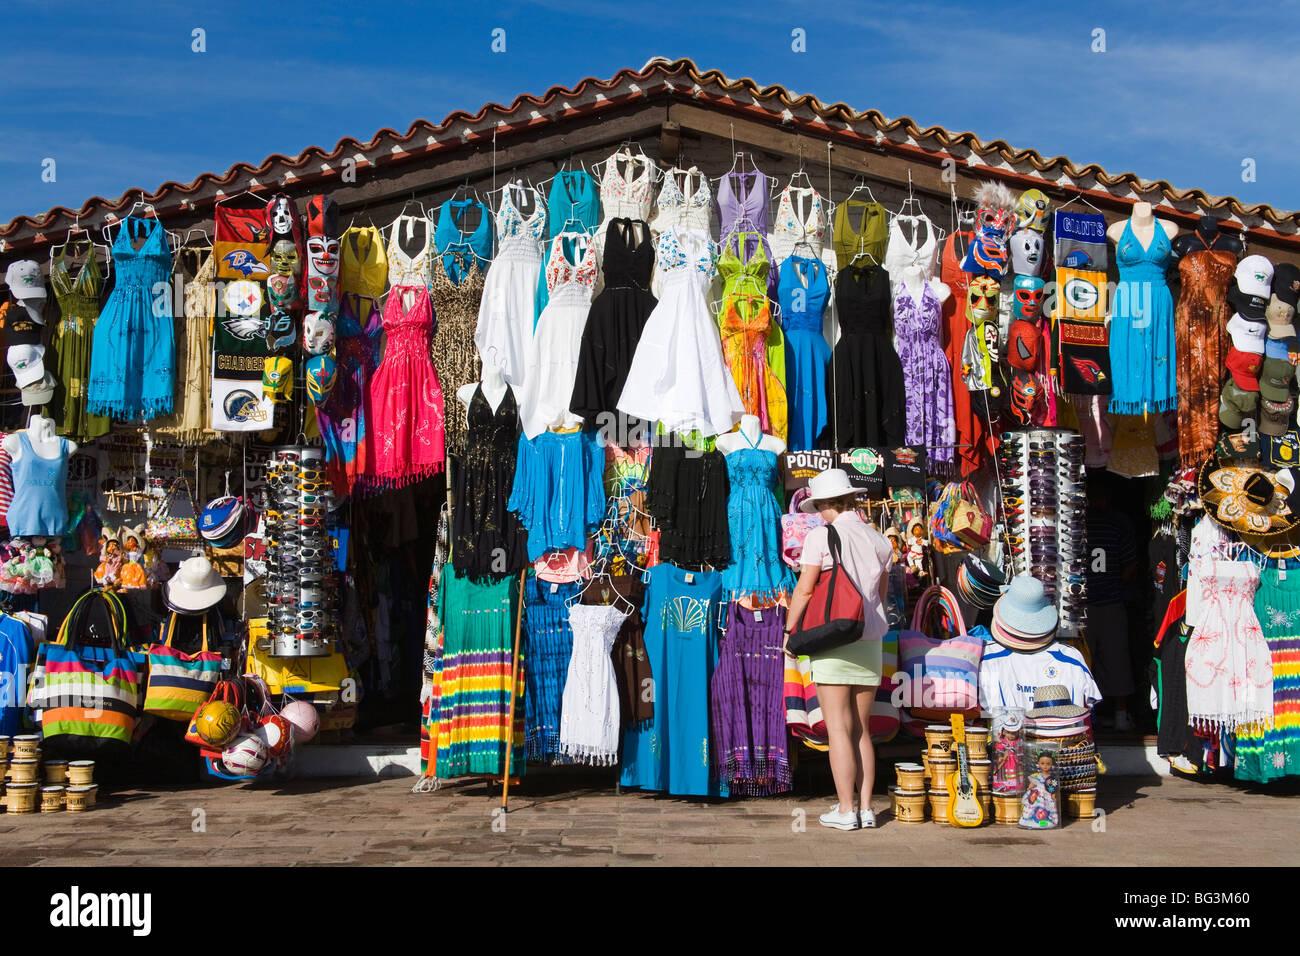 Flohmarkt, Puerto Vallarta, Jalisco Staat, Mexiko, Nordamerika Stockbild